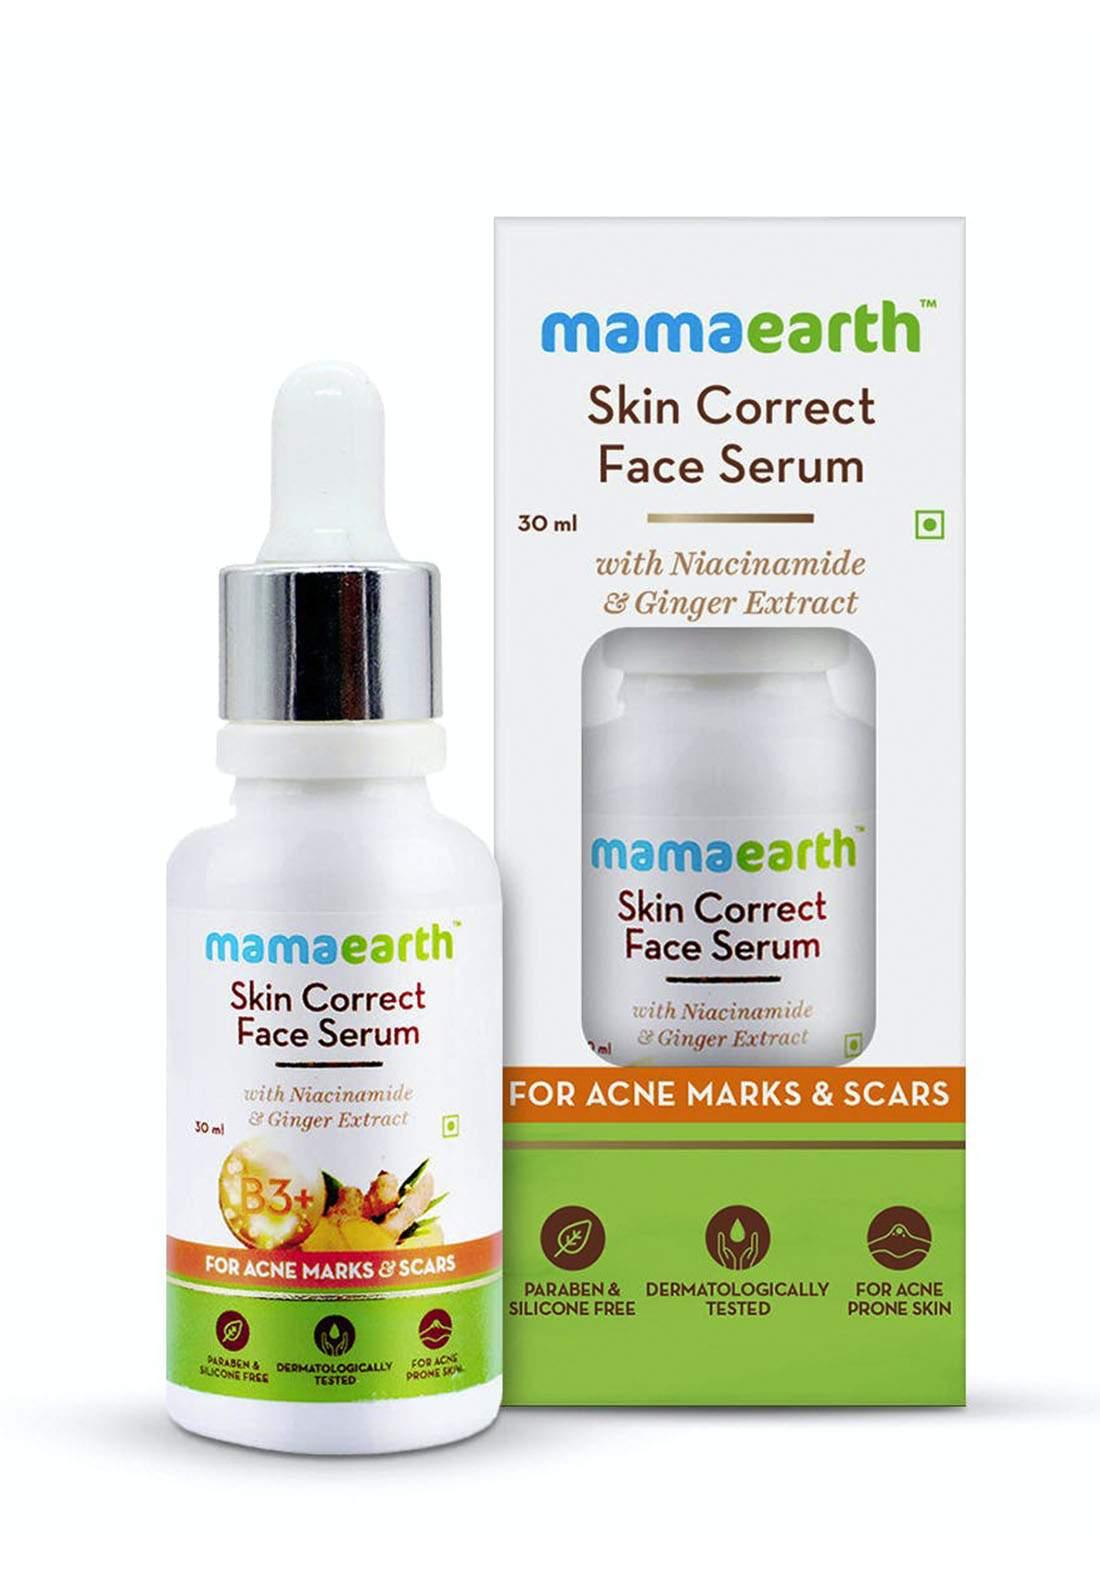 Mamaearth Skin Correct Face Serum 30ml سيروم للبشرة